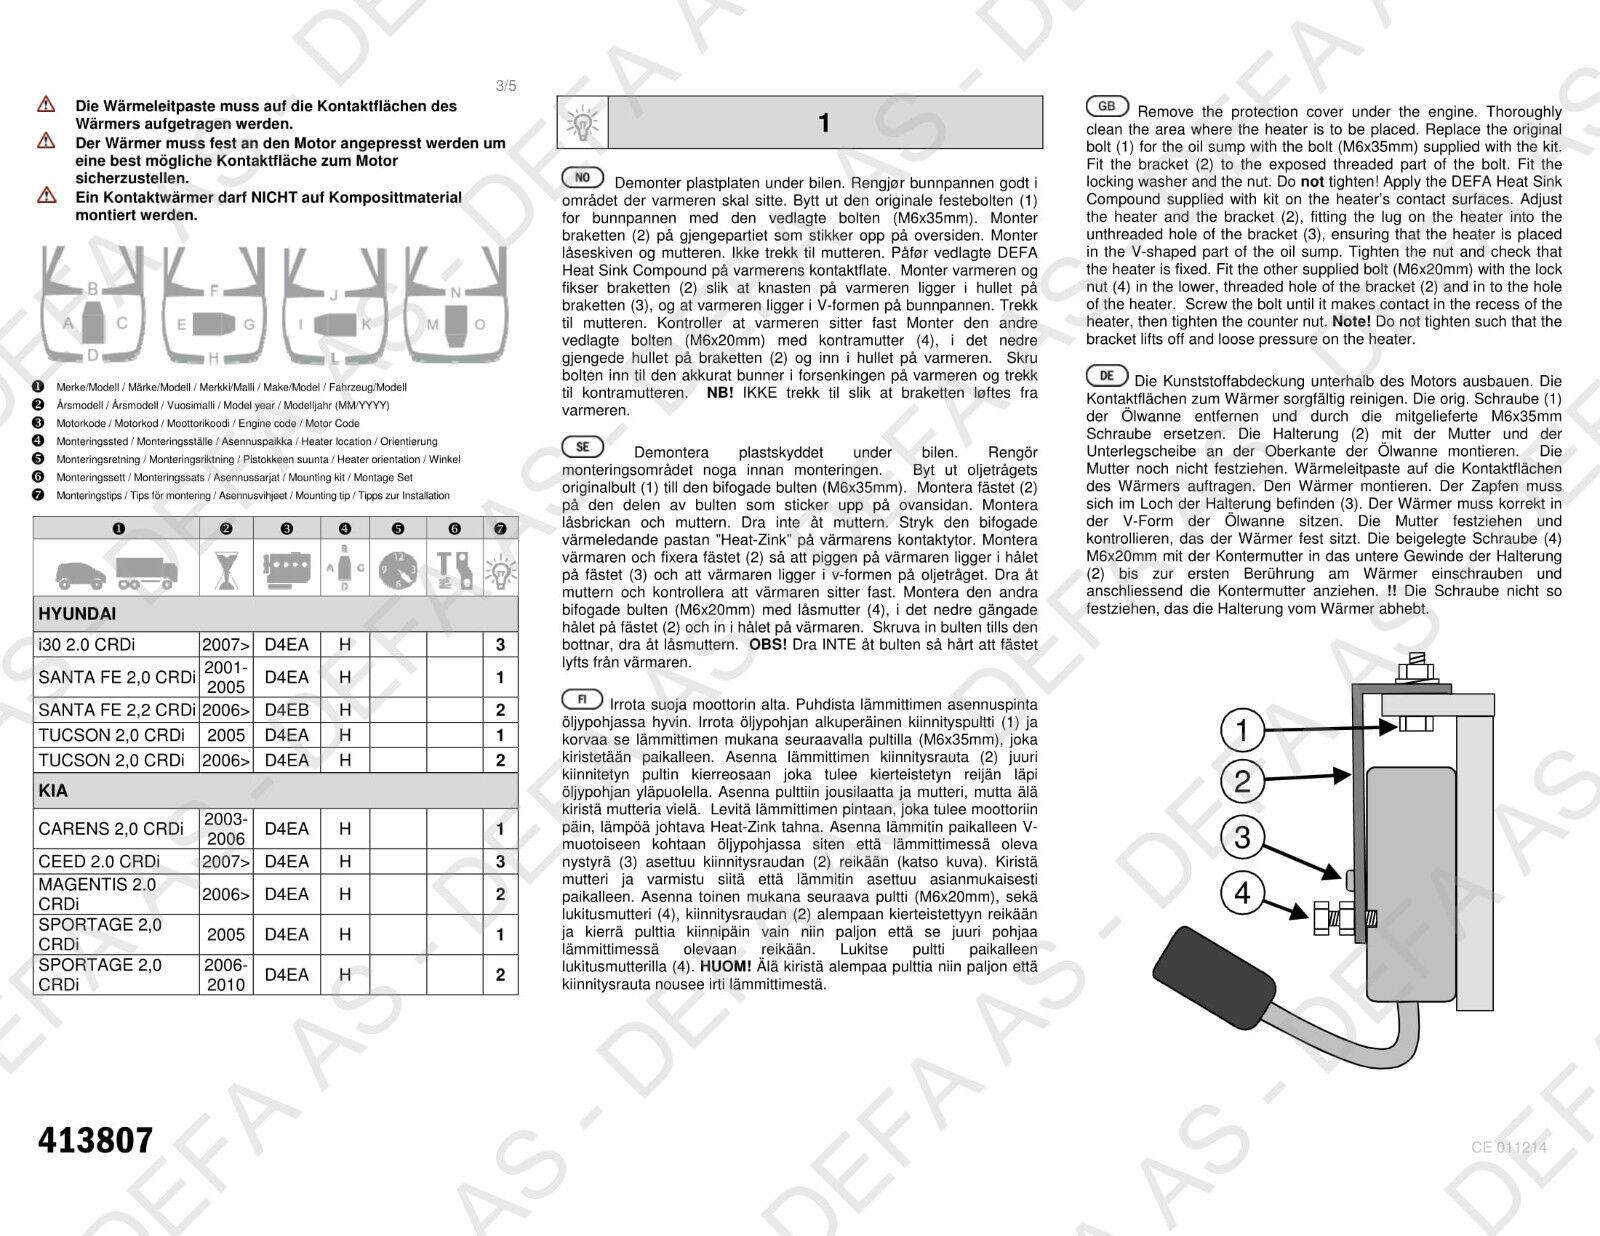 Engine Heater Element Defa 413807 For Many Hyundai Kia 20 Crdi 2003 2 0 Diagram 2006 Ebay